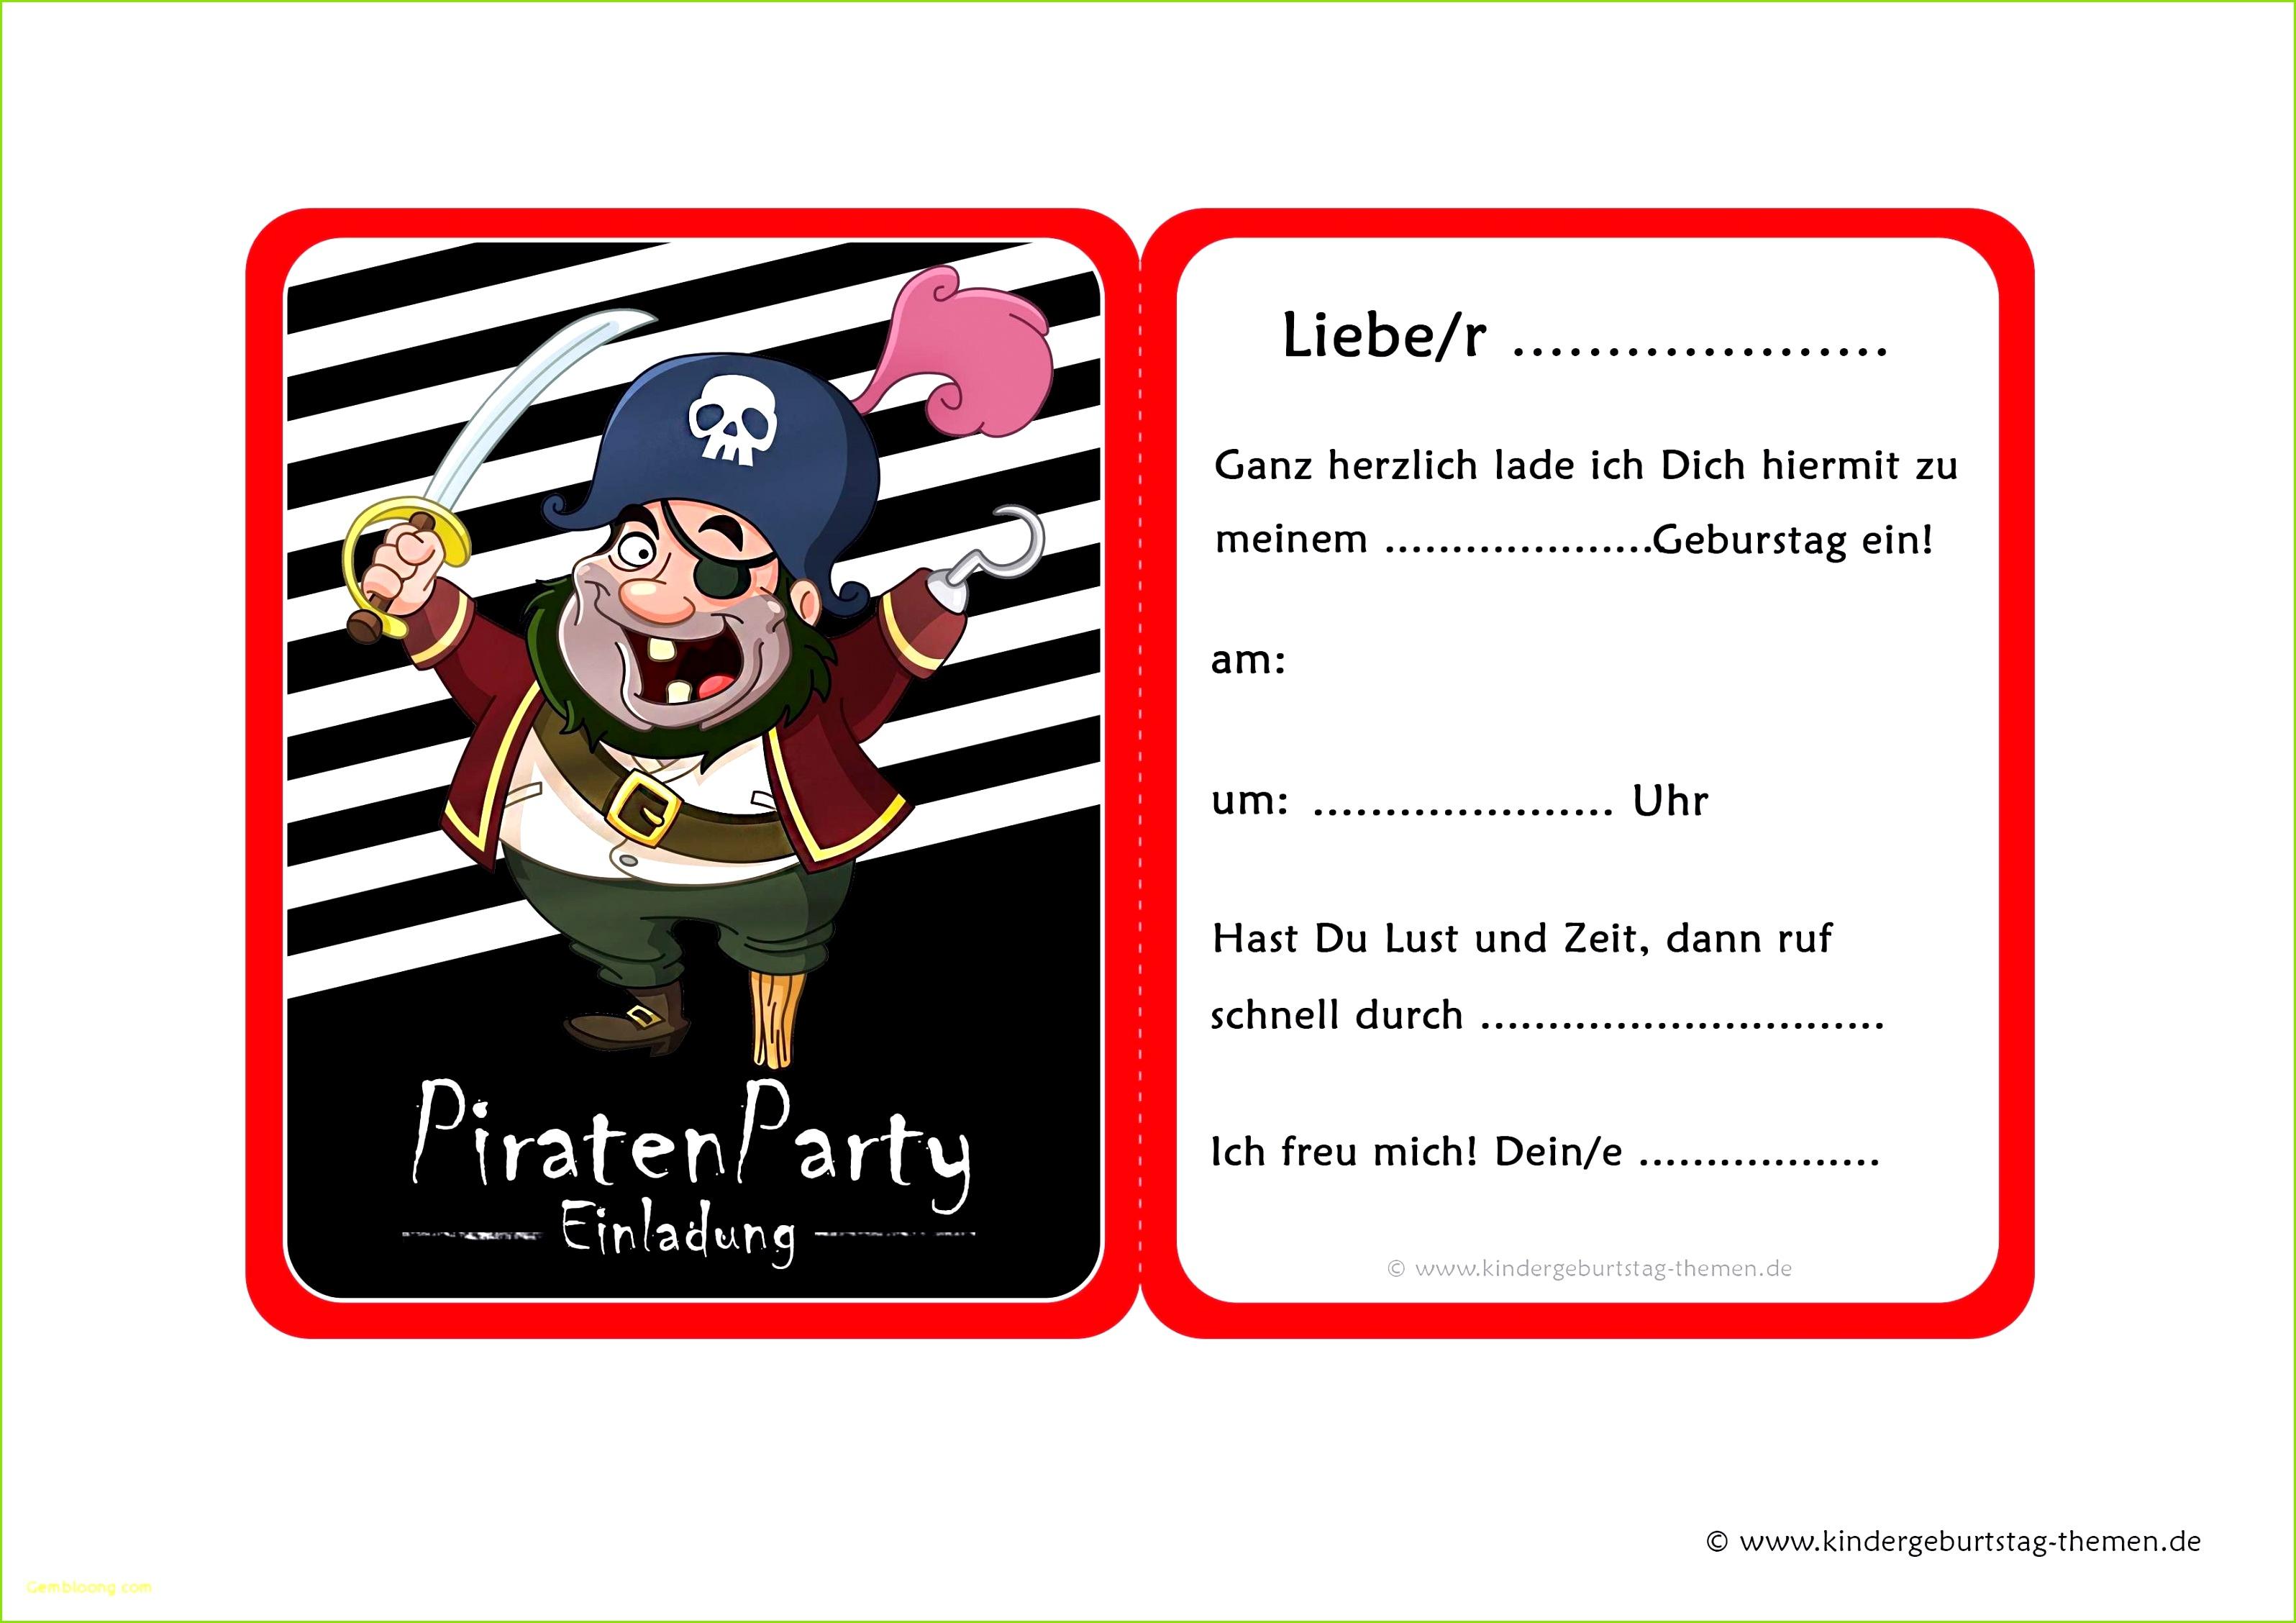 Hochzeitseinladungen Als Eintrittskarte Schön Einladungkarten Neu Einladung Nach Deutschland Bmw E46 E39 X5 3 0d